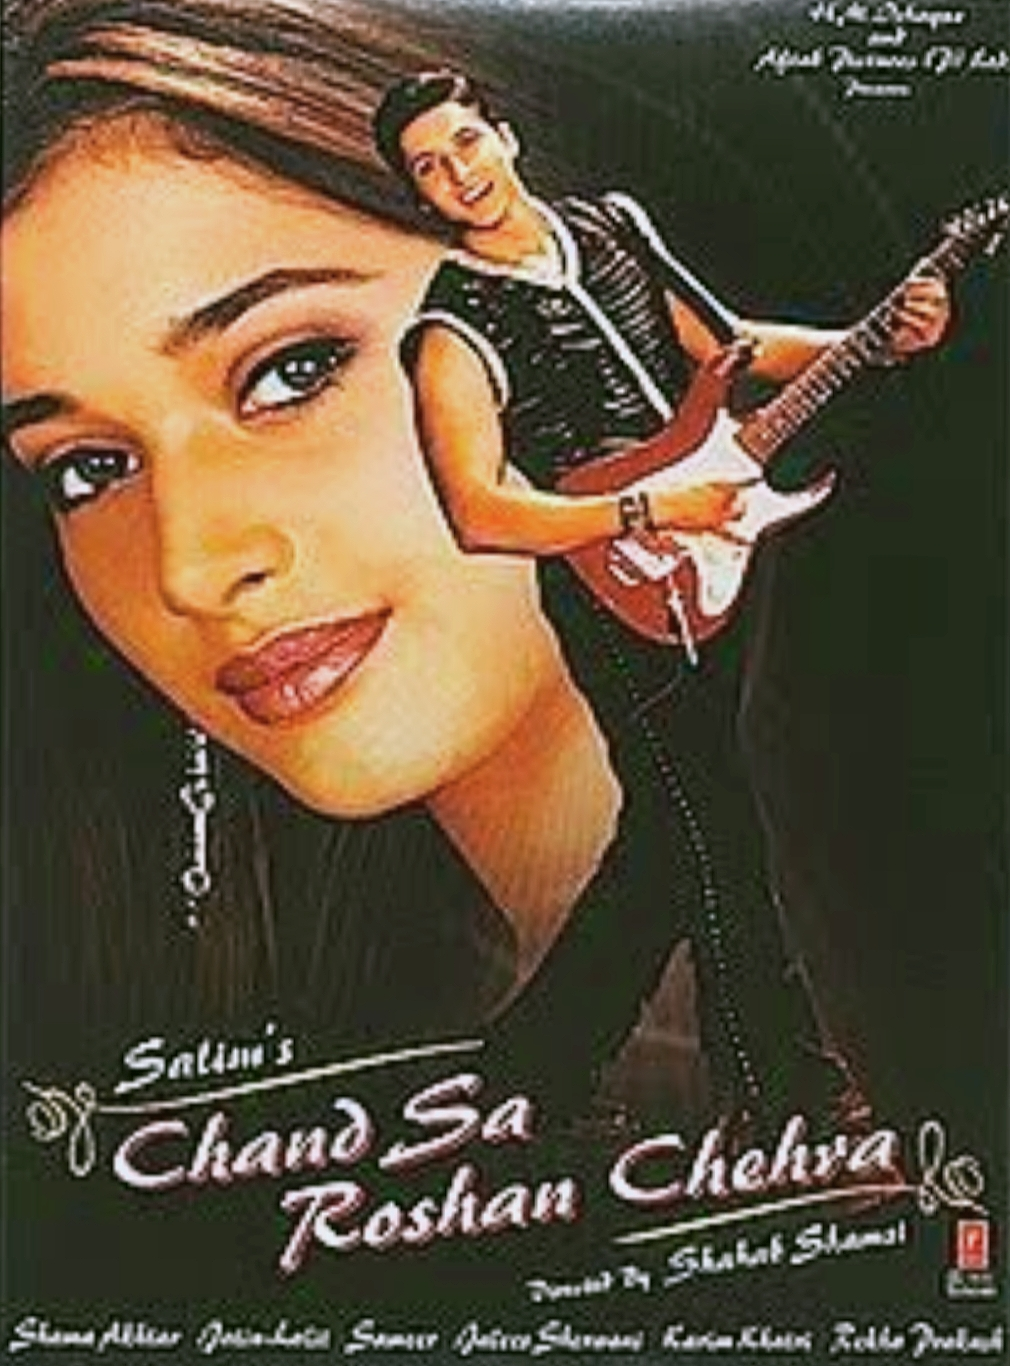 Bollywood Film - Chaand Sa Roshan Chehra (2005)